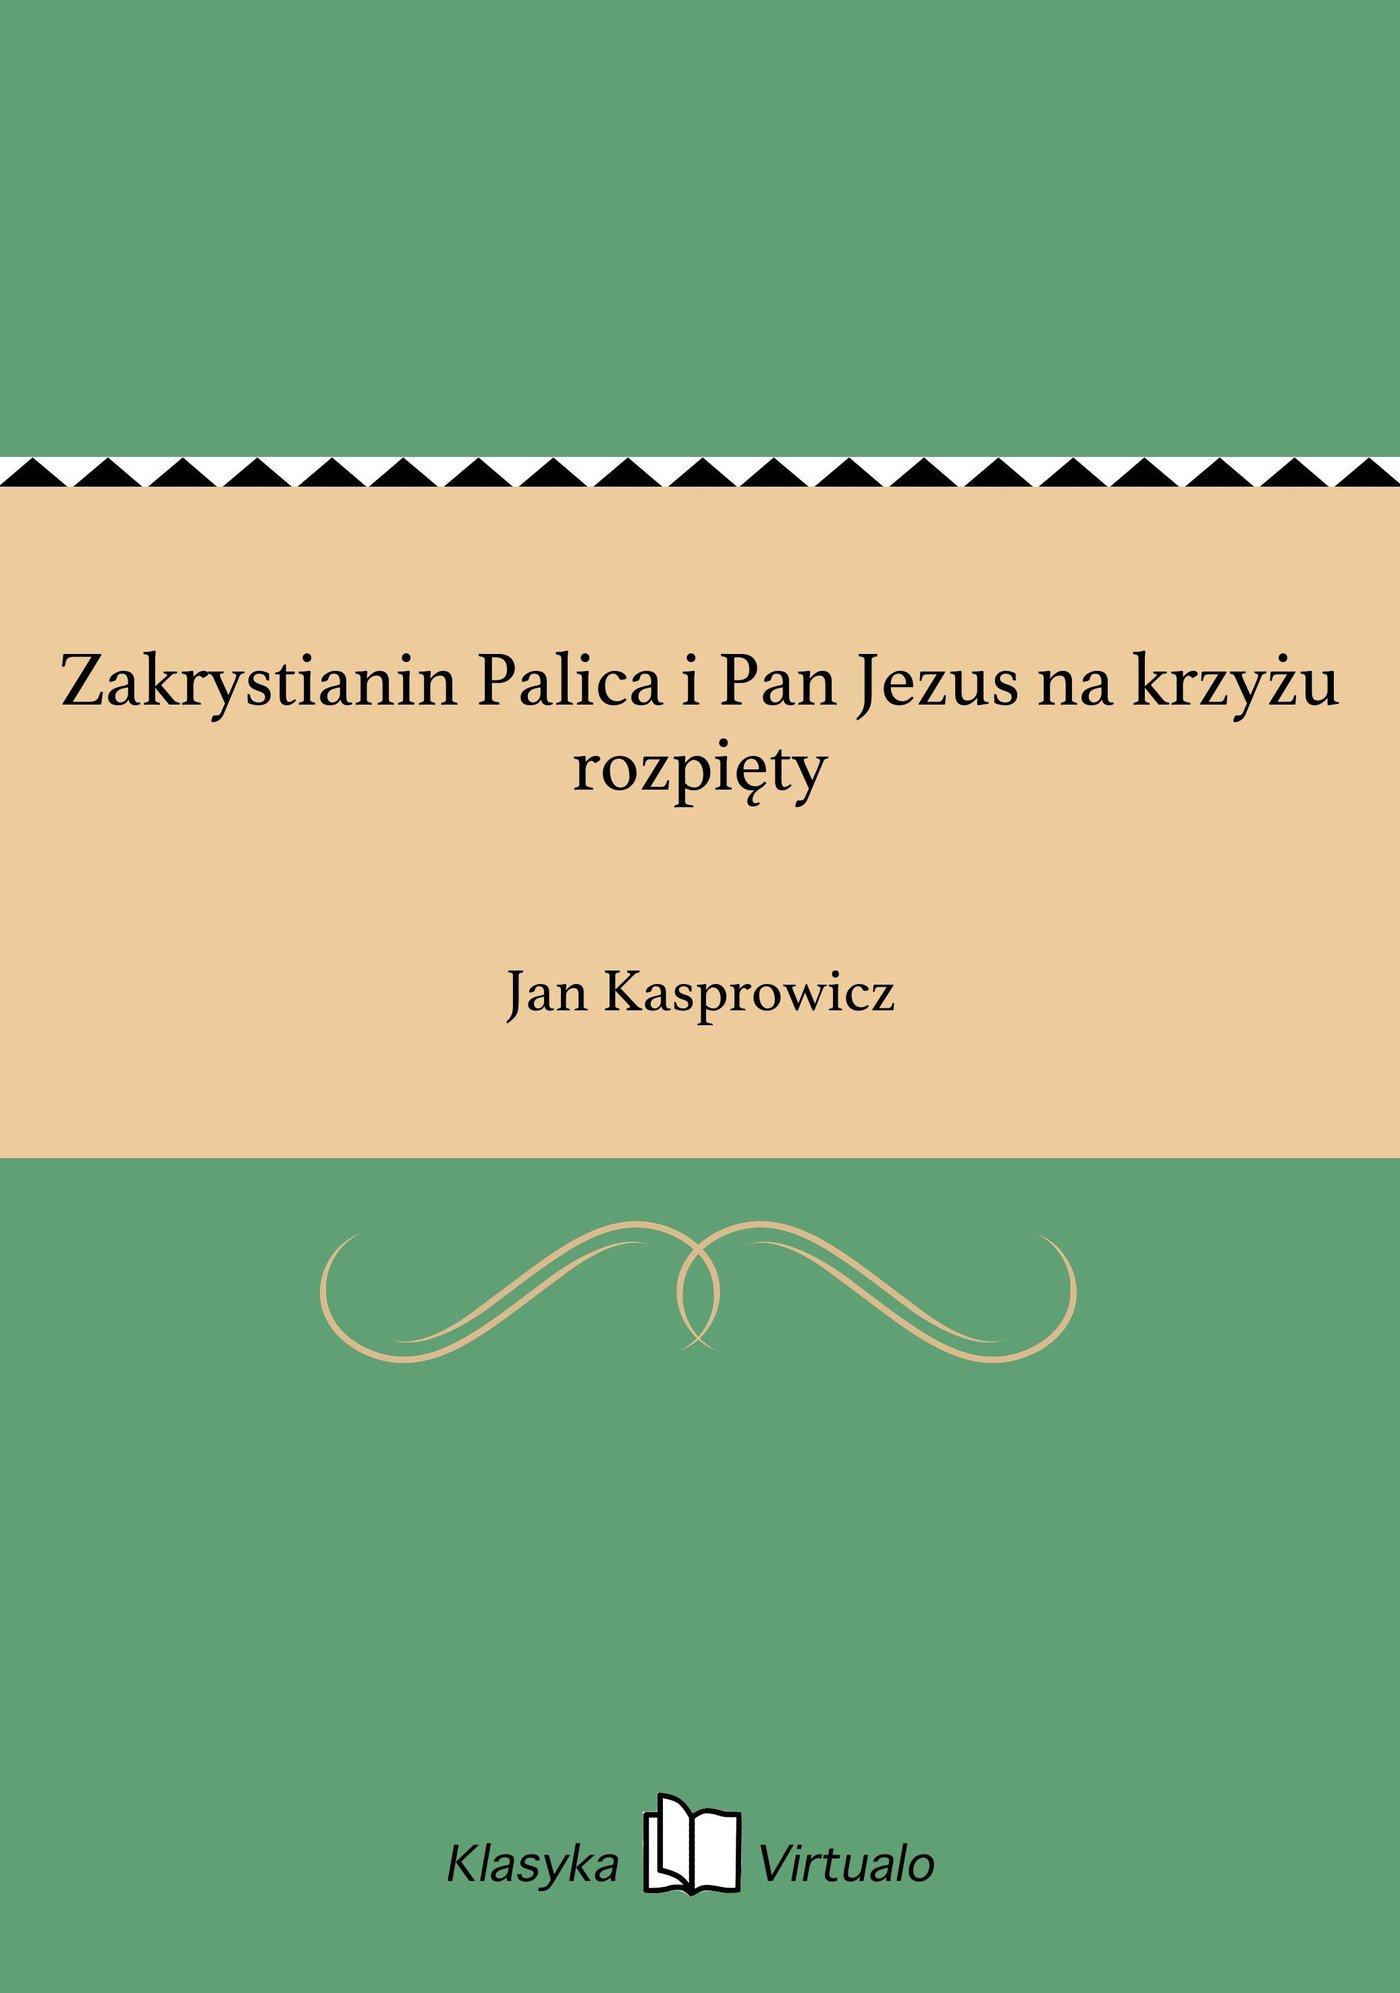 Zakrystianin Palica i Pan Jezus na krzyżu rozpięty - Ebook (Książka EPUB) do pobrania w formacie EPUB